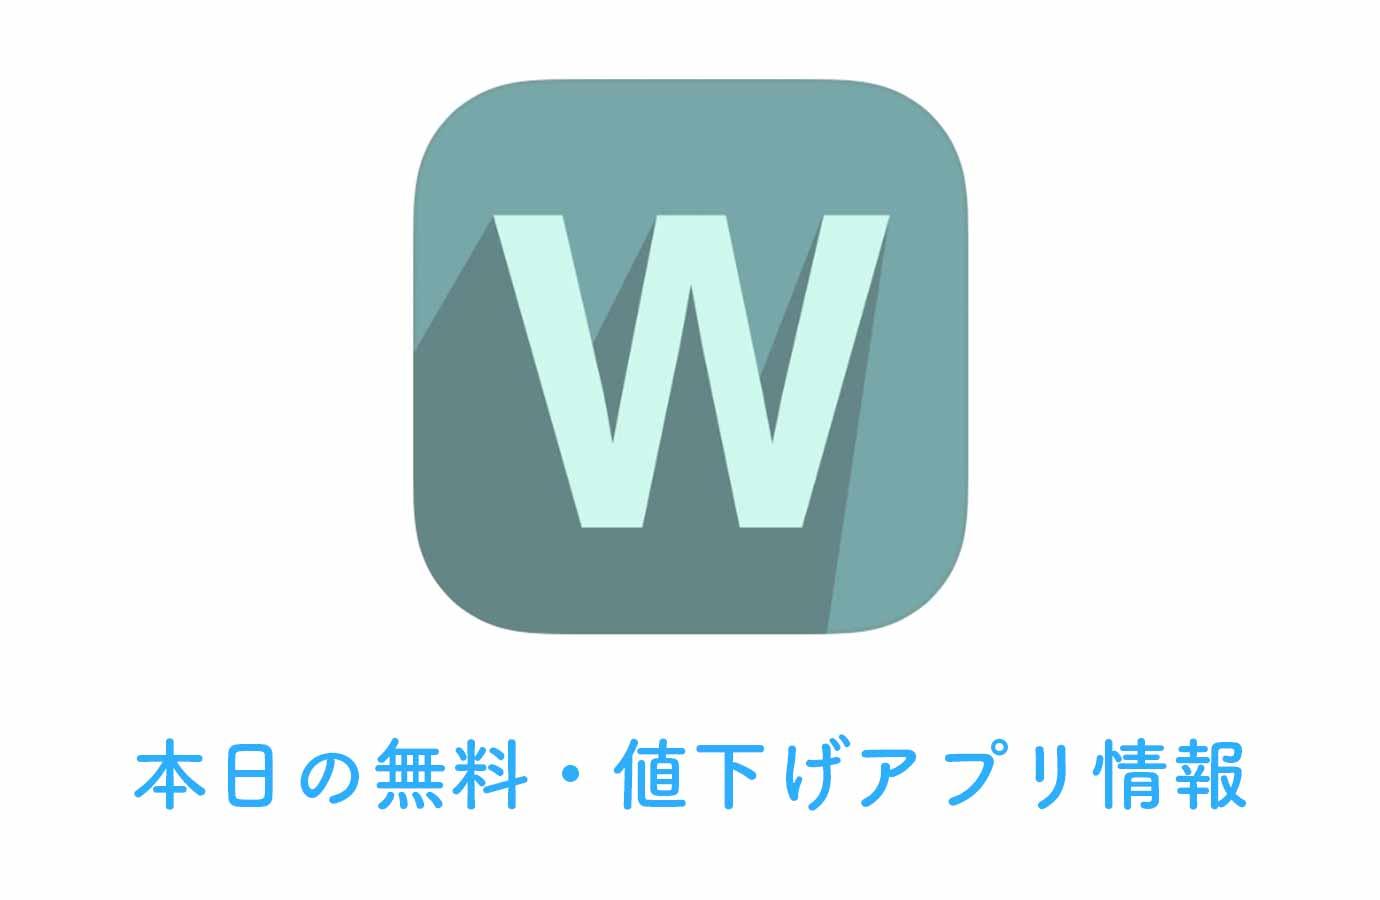 120円→無料!高機能なウィキペディアリーダー「ウィキグラフ」など【3/27】本日の無料・値下げアプリ情報